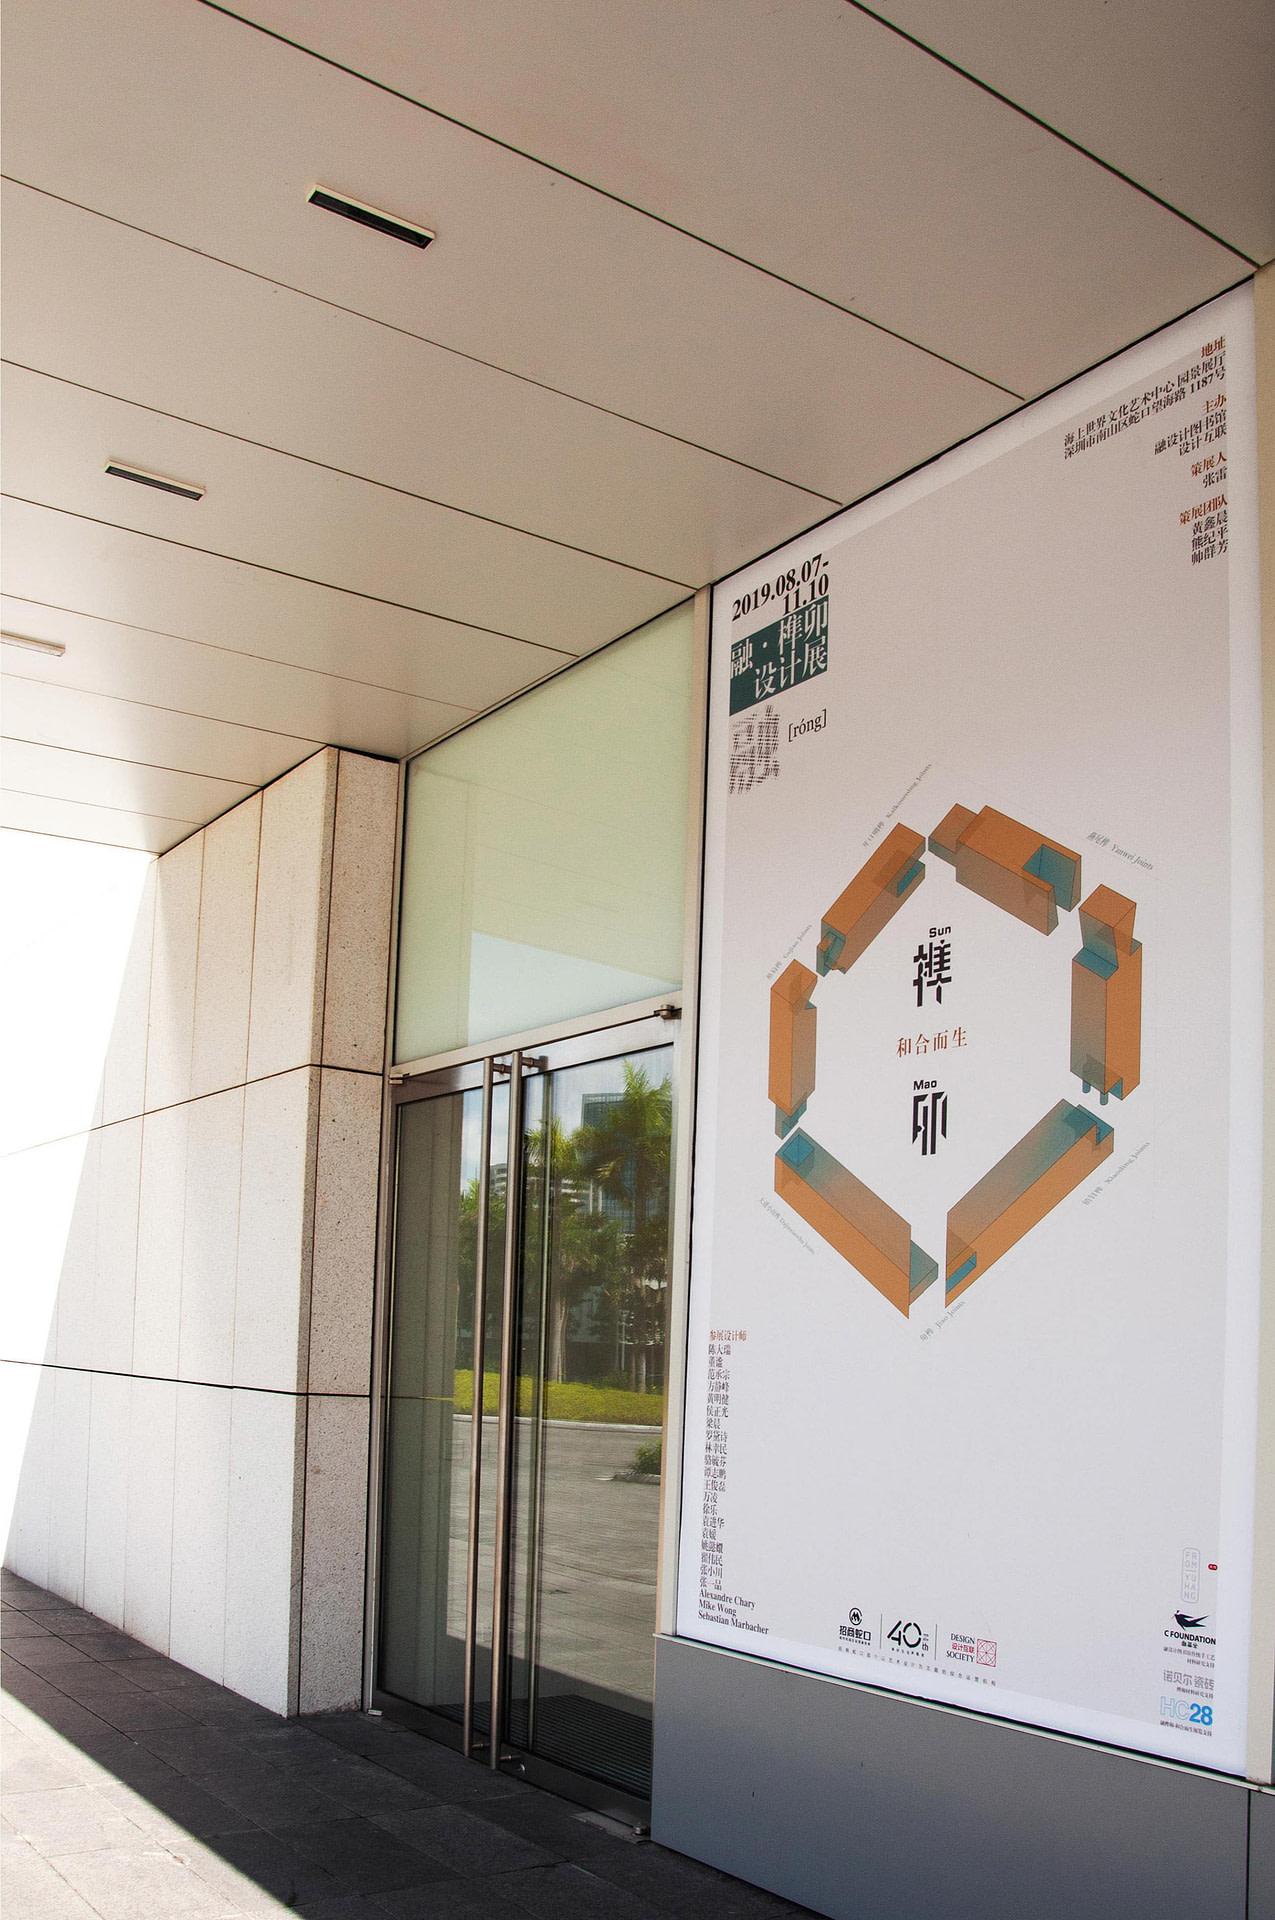 SUN MAO Design Exhibition 18